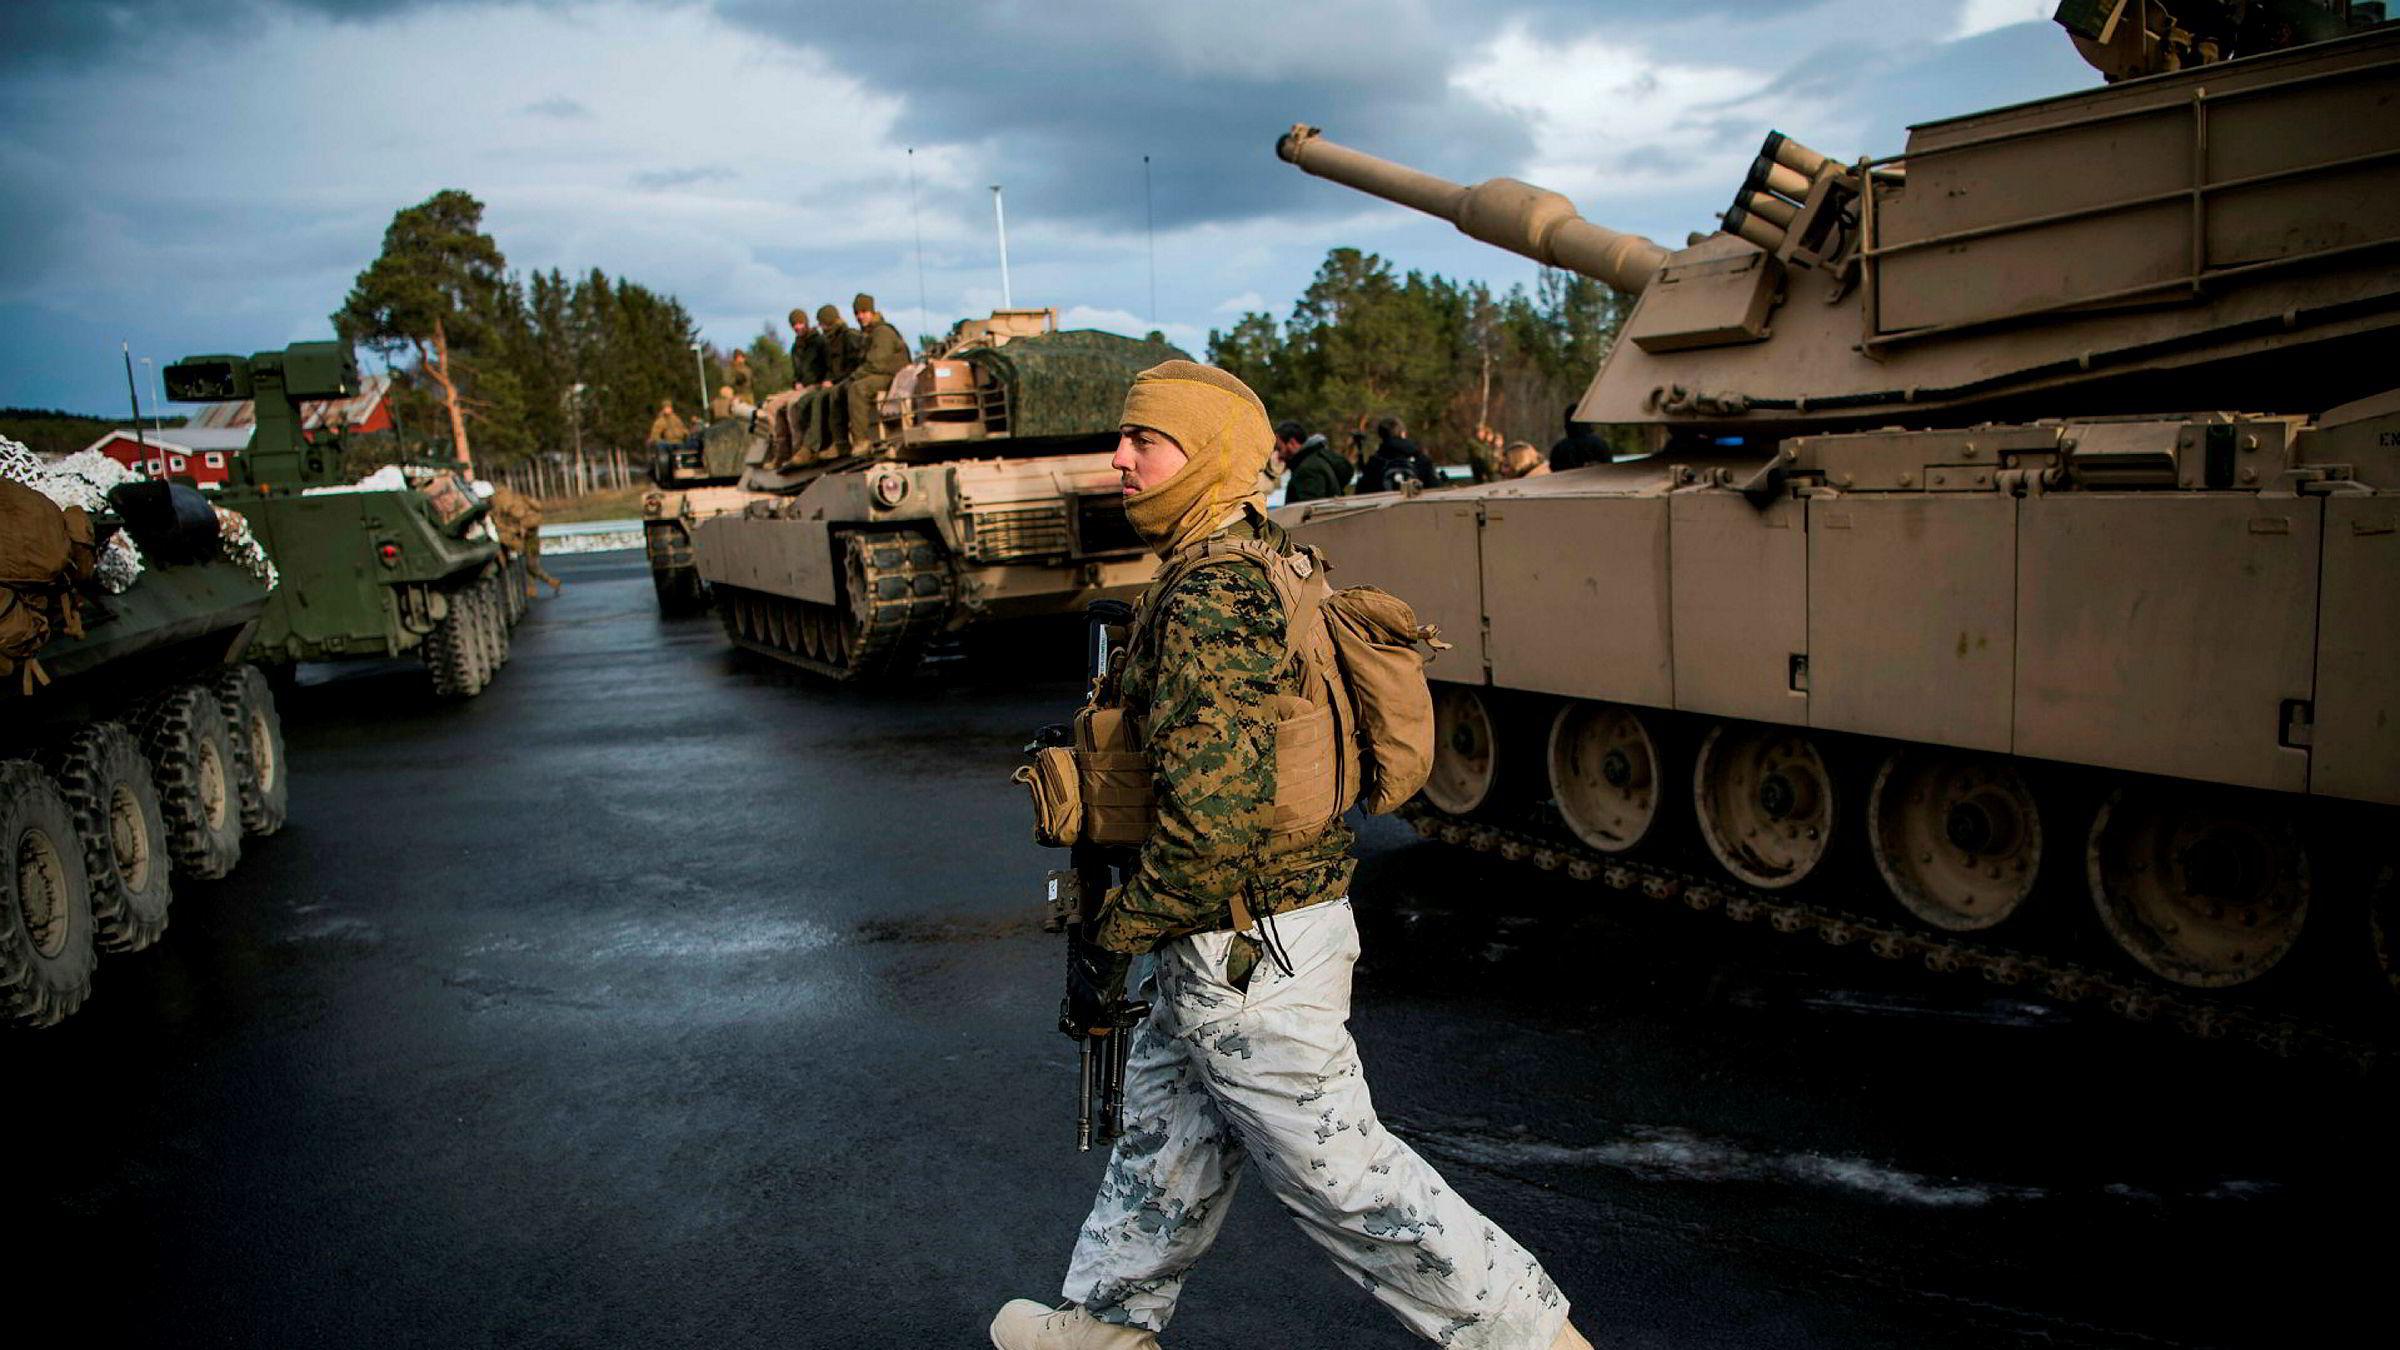 Norge bør bygge på lærdom fra øvelse Trident Juncture i 2018 og gjennomføre stadig mer krevende treningsscenarioer, skriver artikkelforfatterne. US Marines gjør seg her klar til Nato-øvelsen.